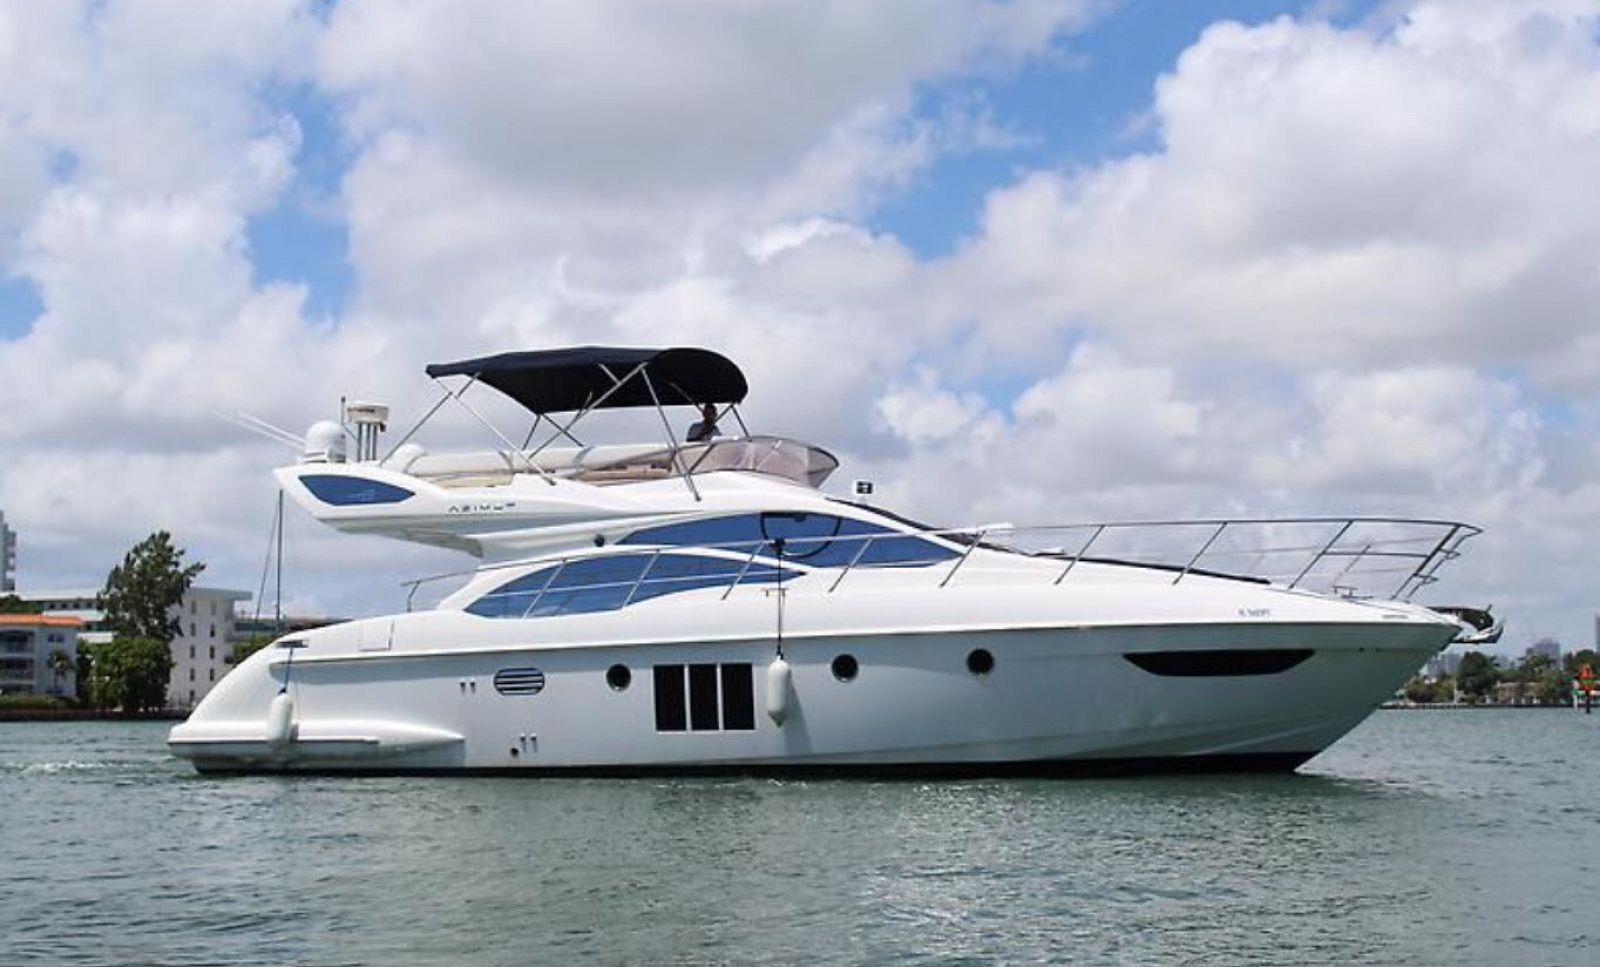 azimut 48 yacht for sale